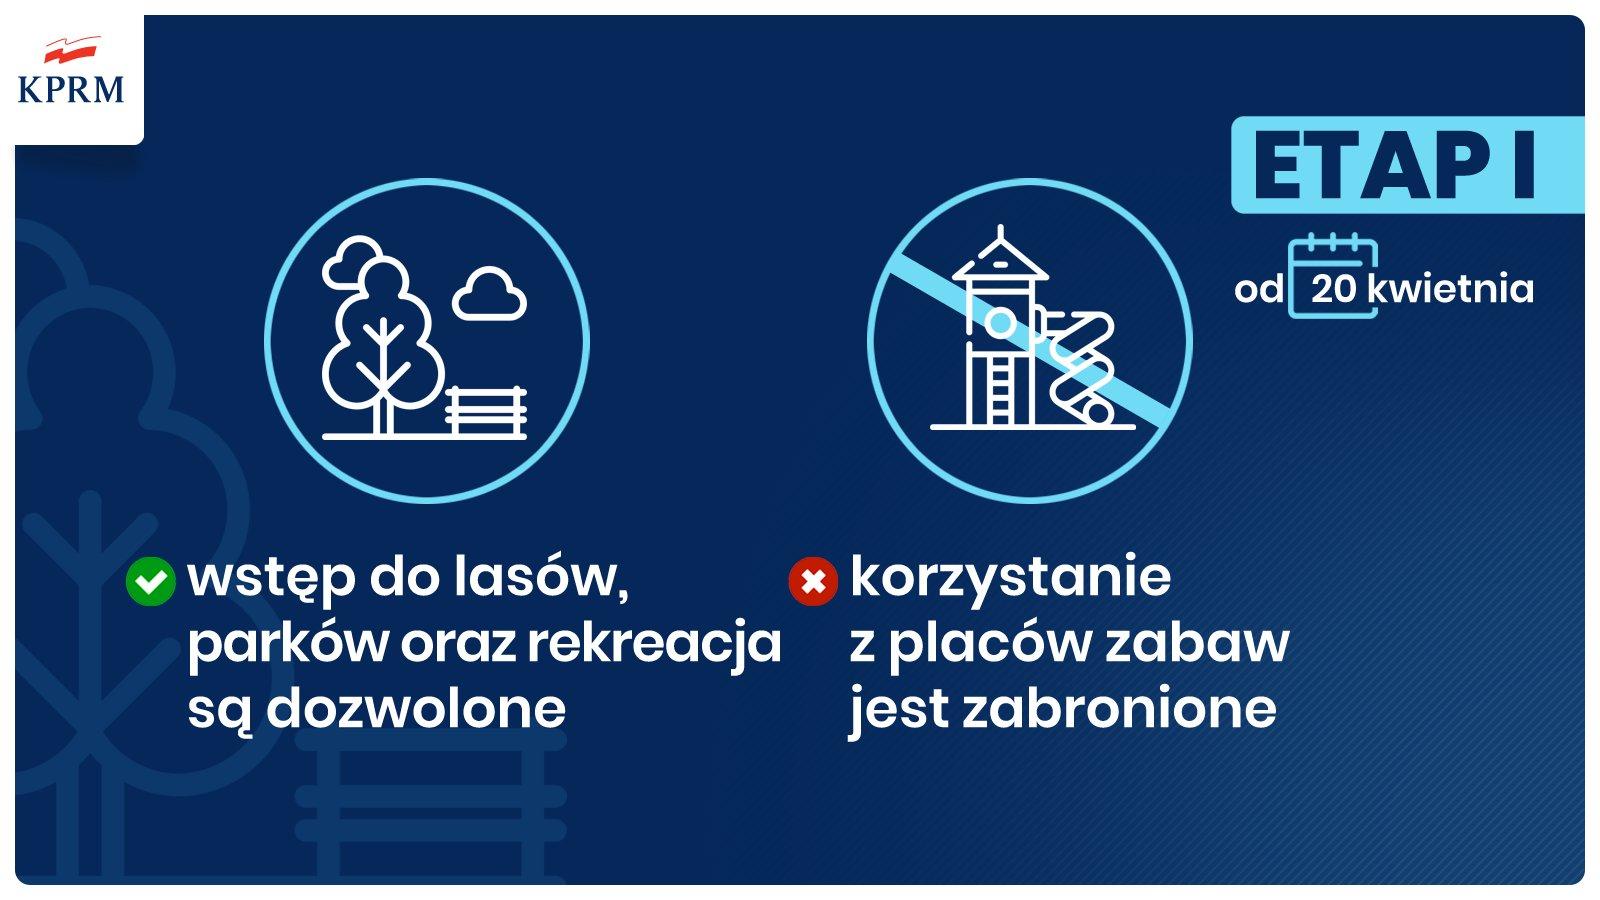 fot. materiały Kancelarii Prezesa Rady Ministrów